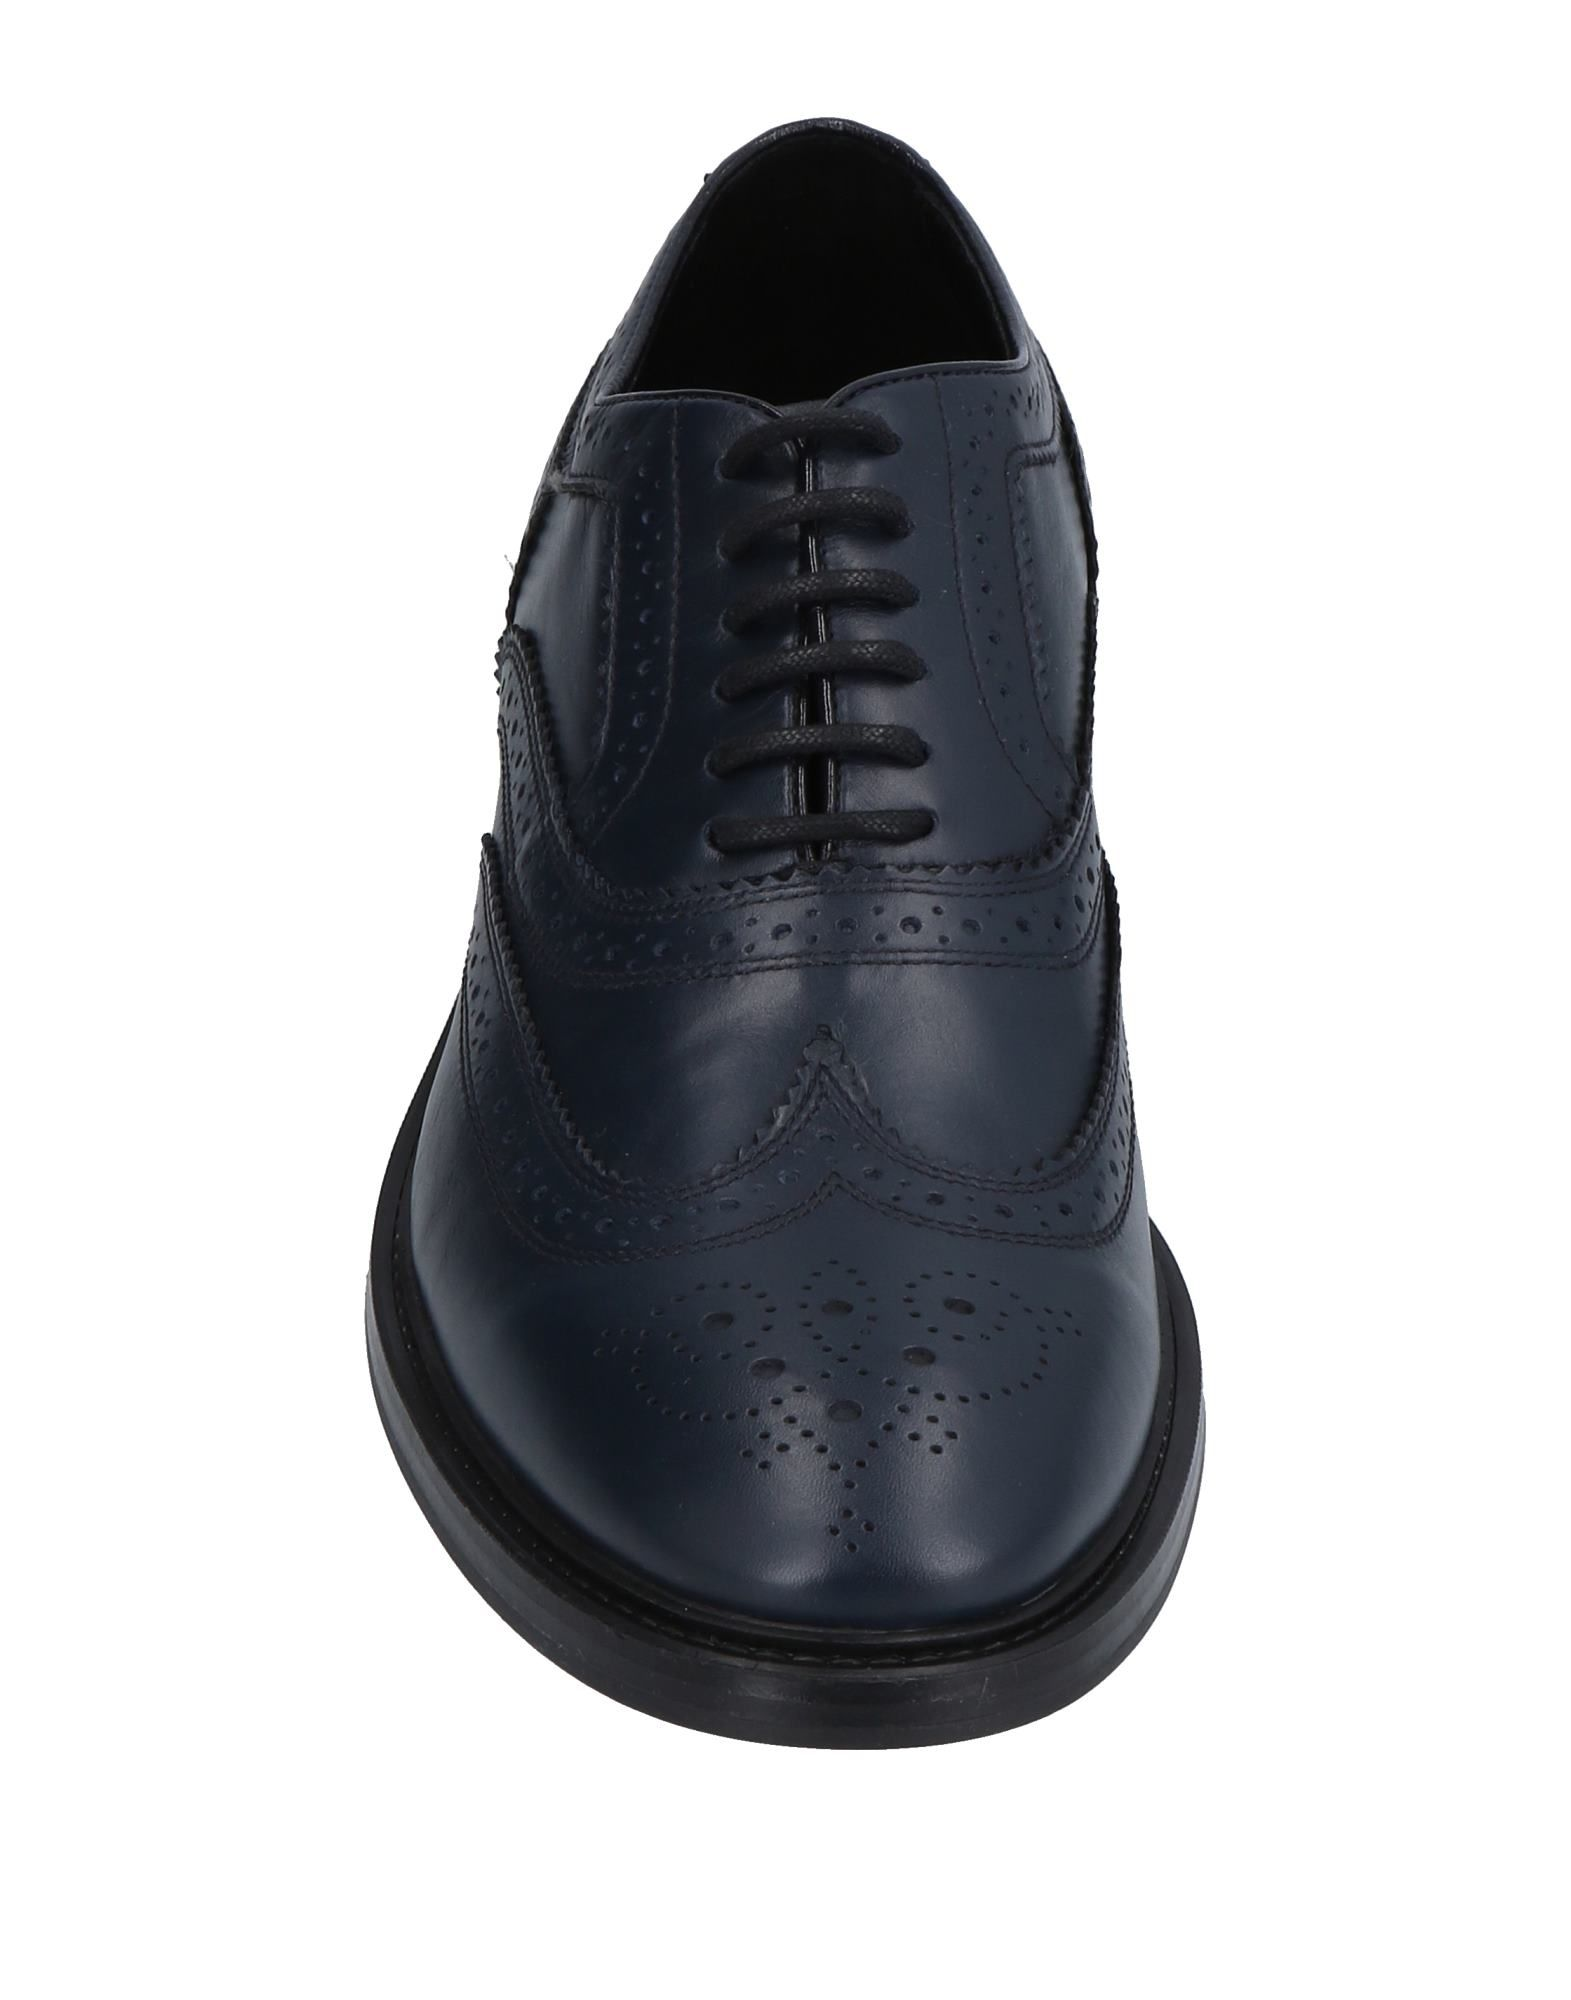 Doucal's Gute Schnürschuhe Herren  11508747HO Gute Doucal's Qualität beliebte Schuhe bcf206